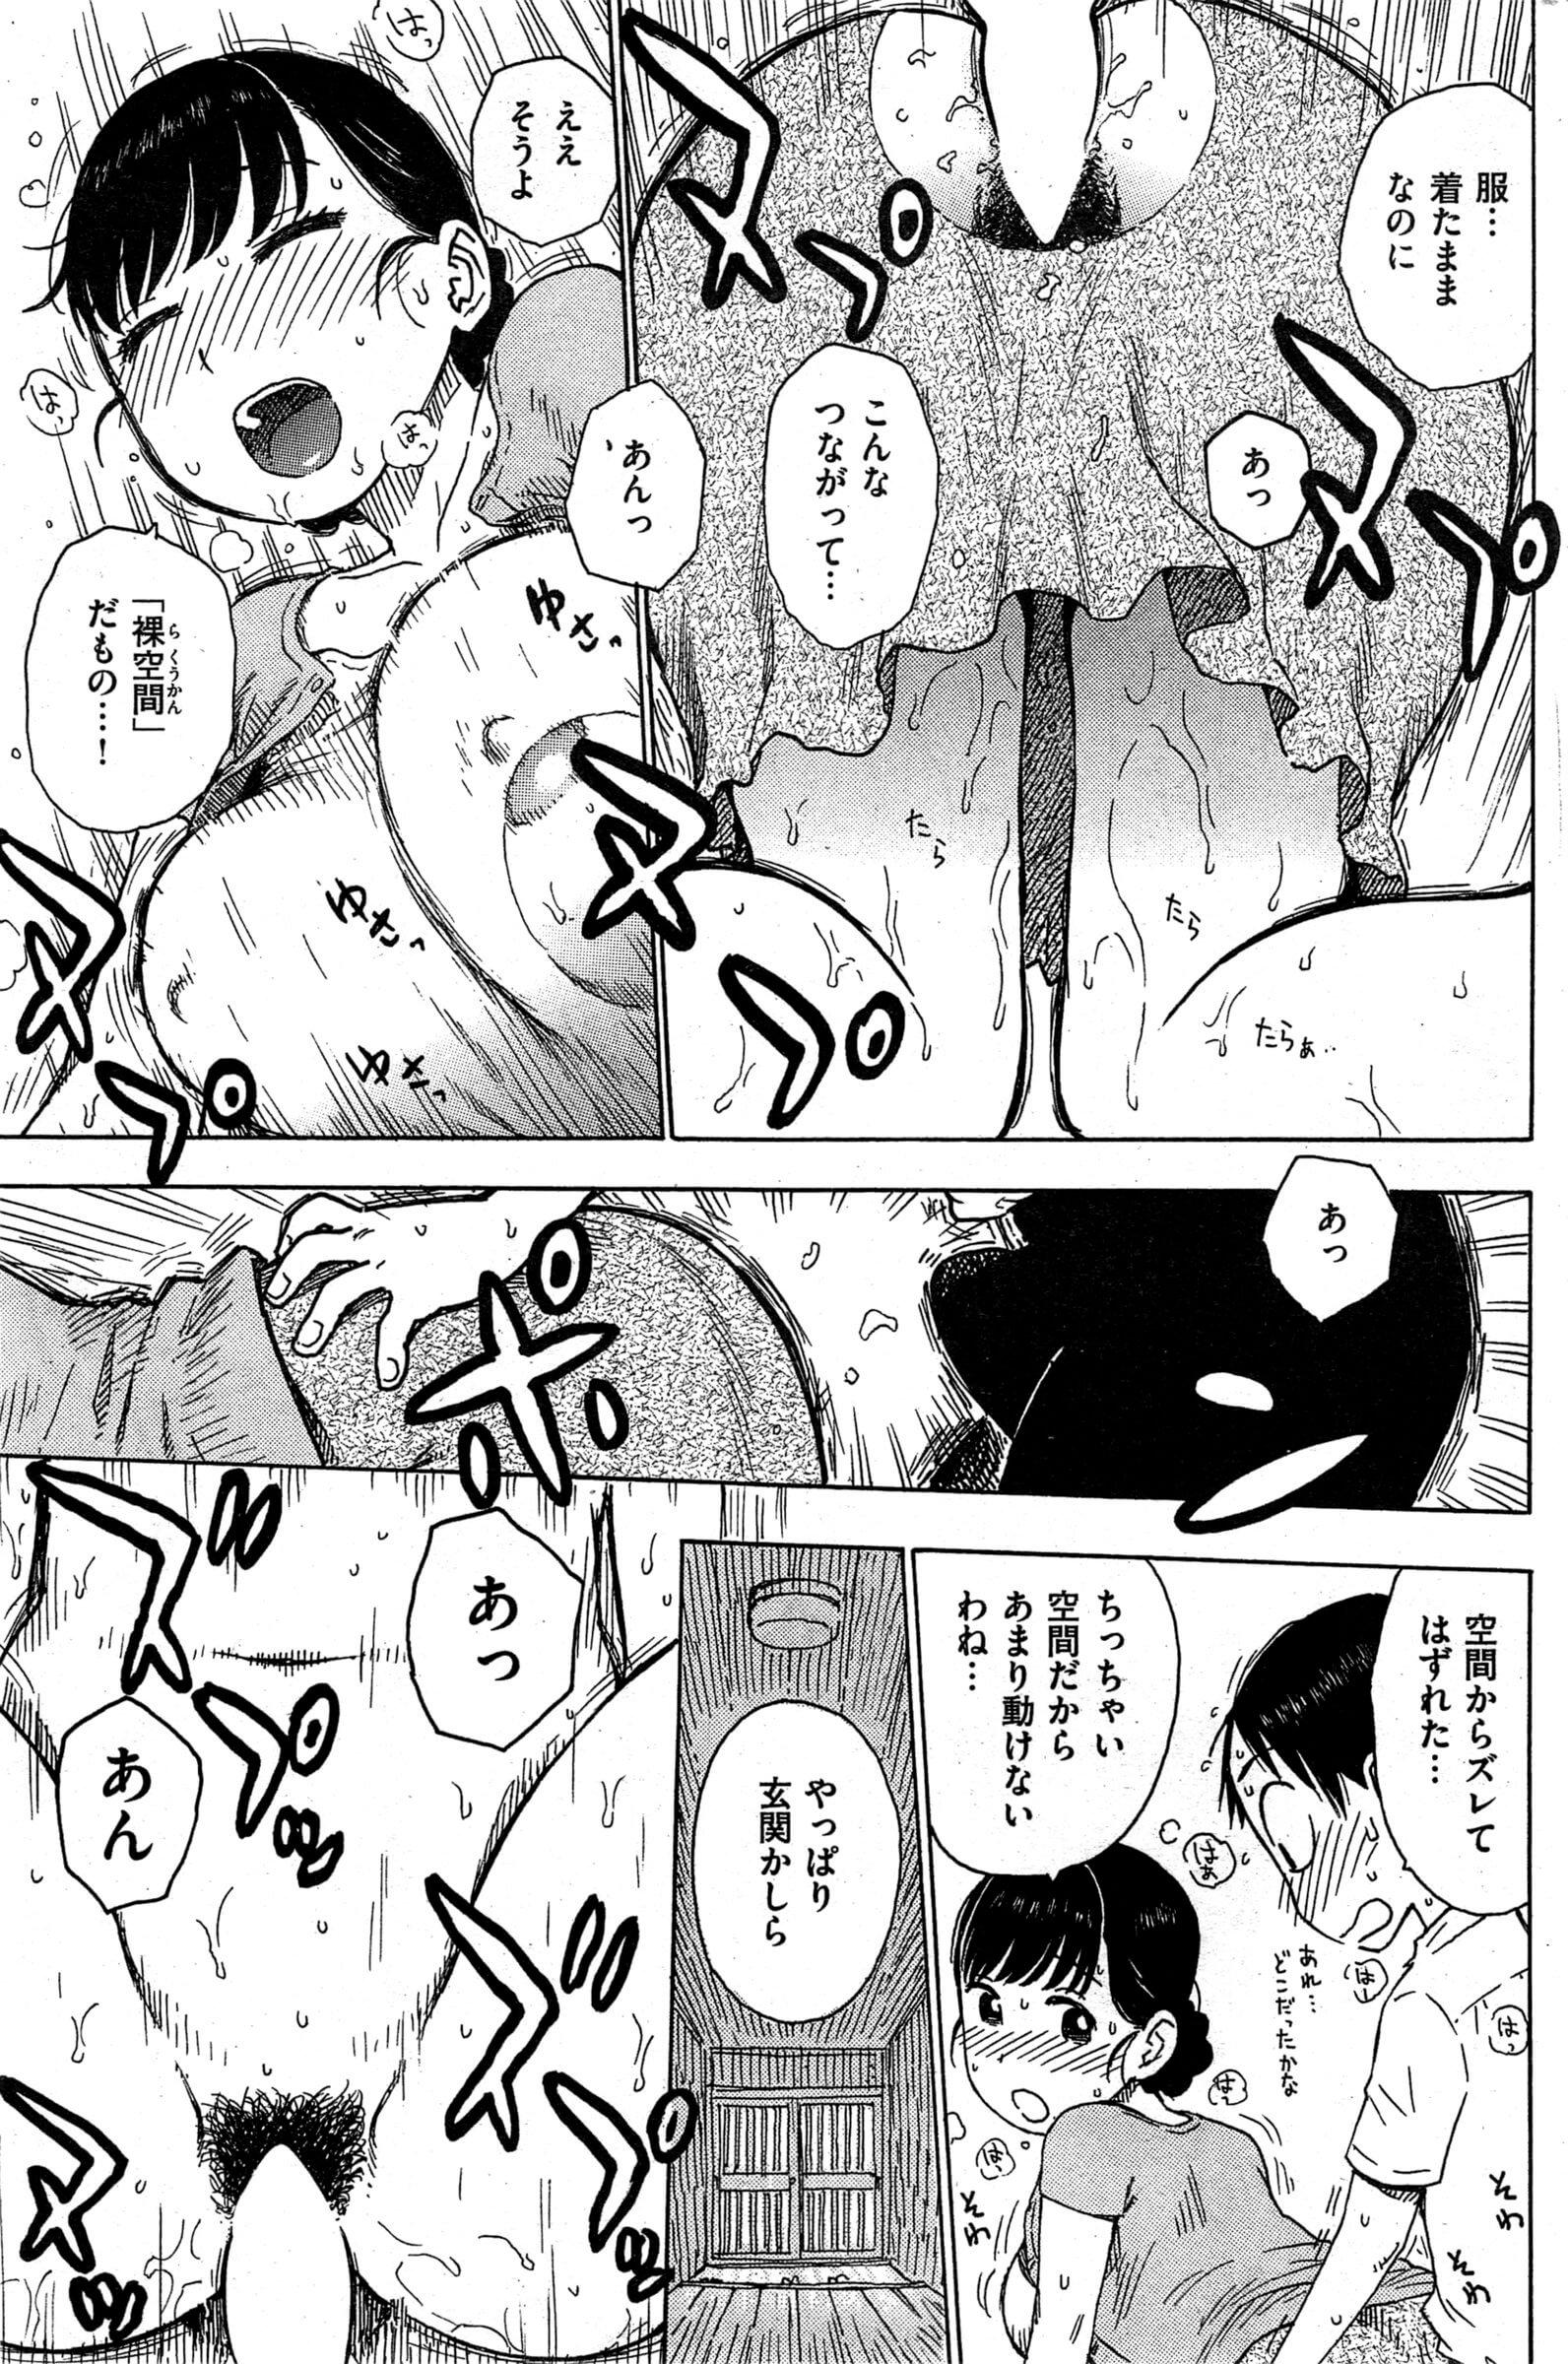 【エロ漫画】真夏の日に家のカギを無くして閉め出されてしまった男の子。隣の家のお姉さんに家で待つように言われて…【無料 エロ同人】 (13)